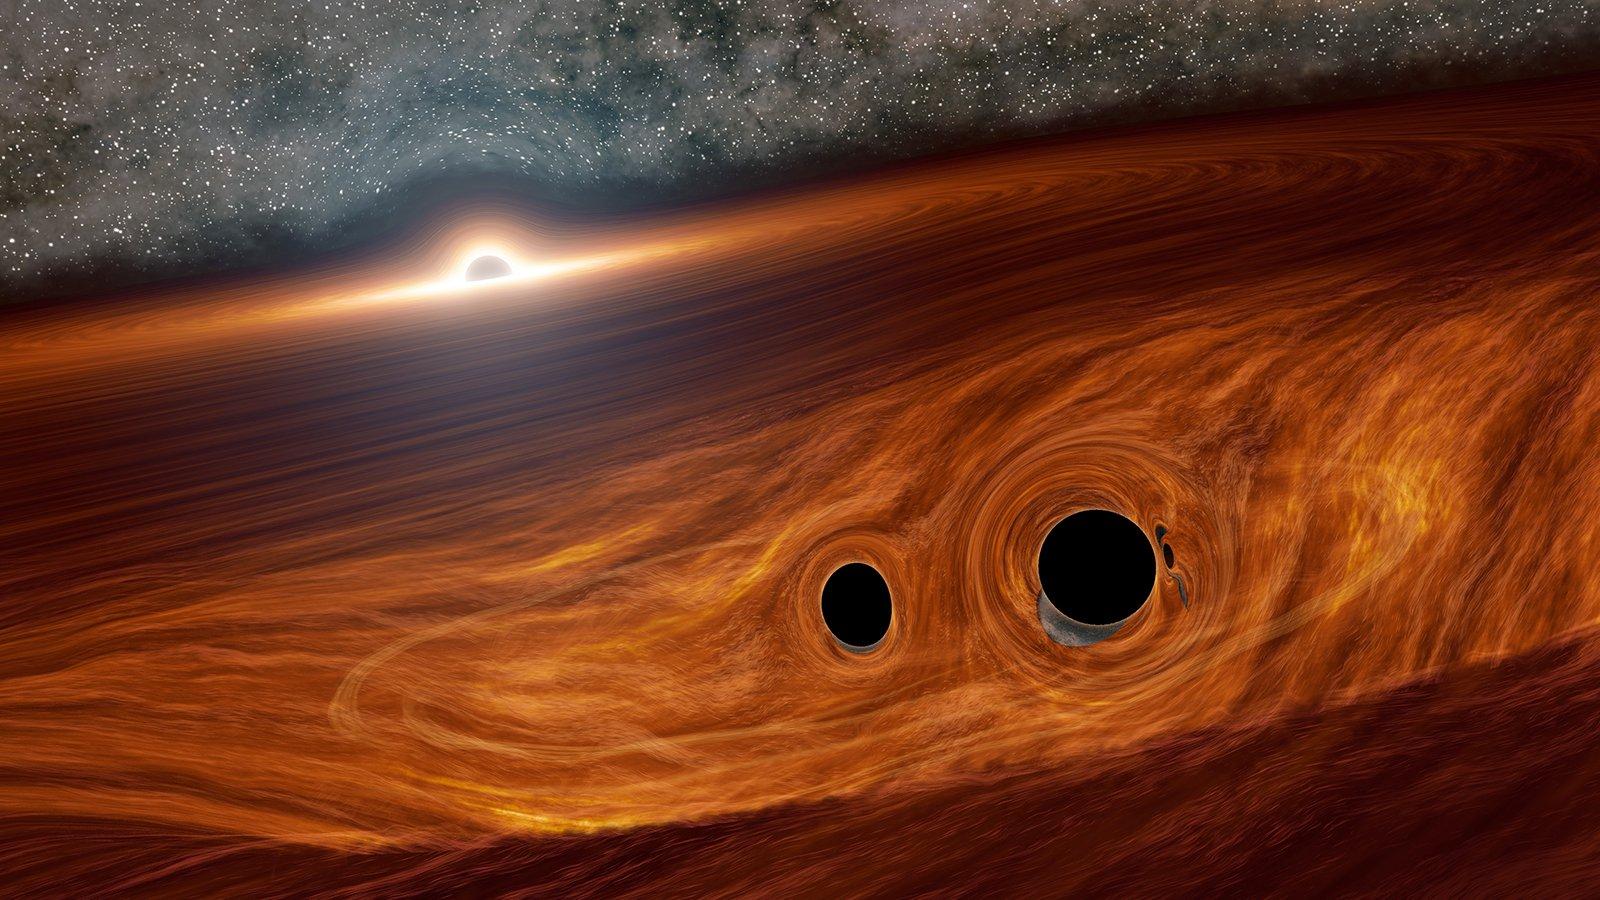 نقطة التفرد - ما أغرب الاحتمالات التي قد تحدث في مركز الثقب الأسود - نجم غرافاستار - قلب الثقوب السوداء - نجوم بلانك - دوران الثقوب السوداء